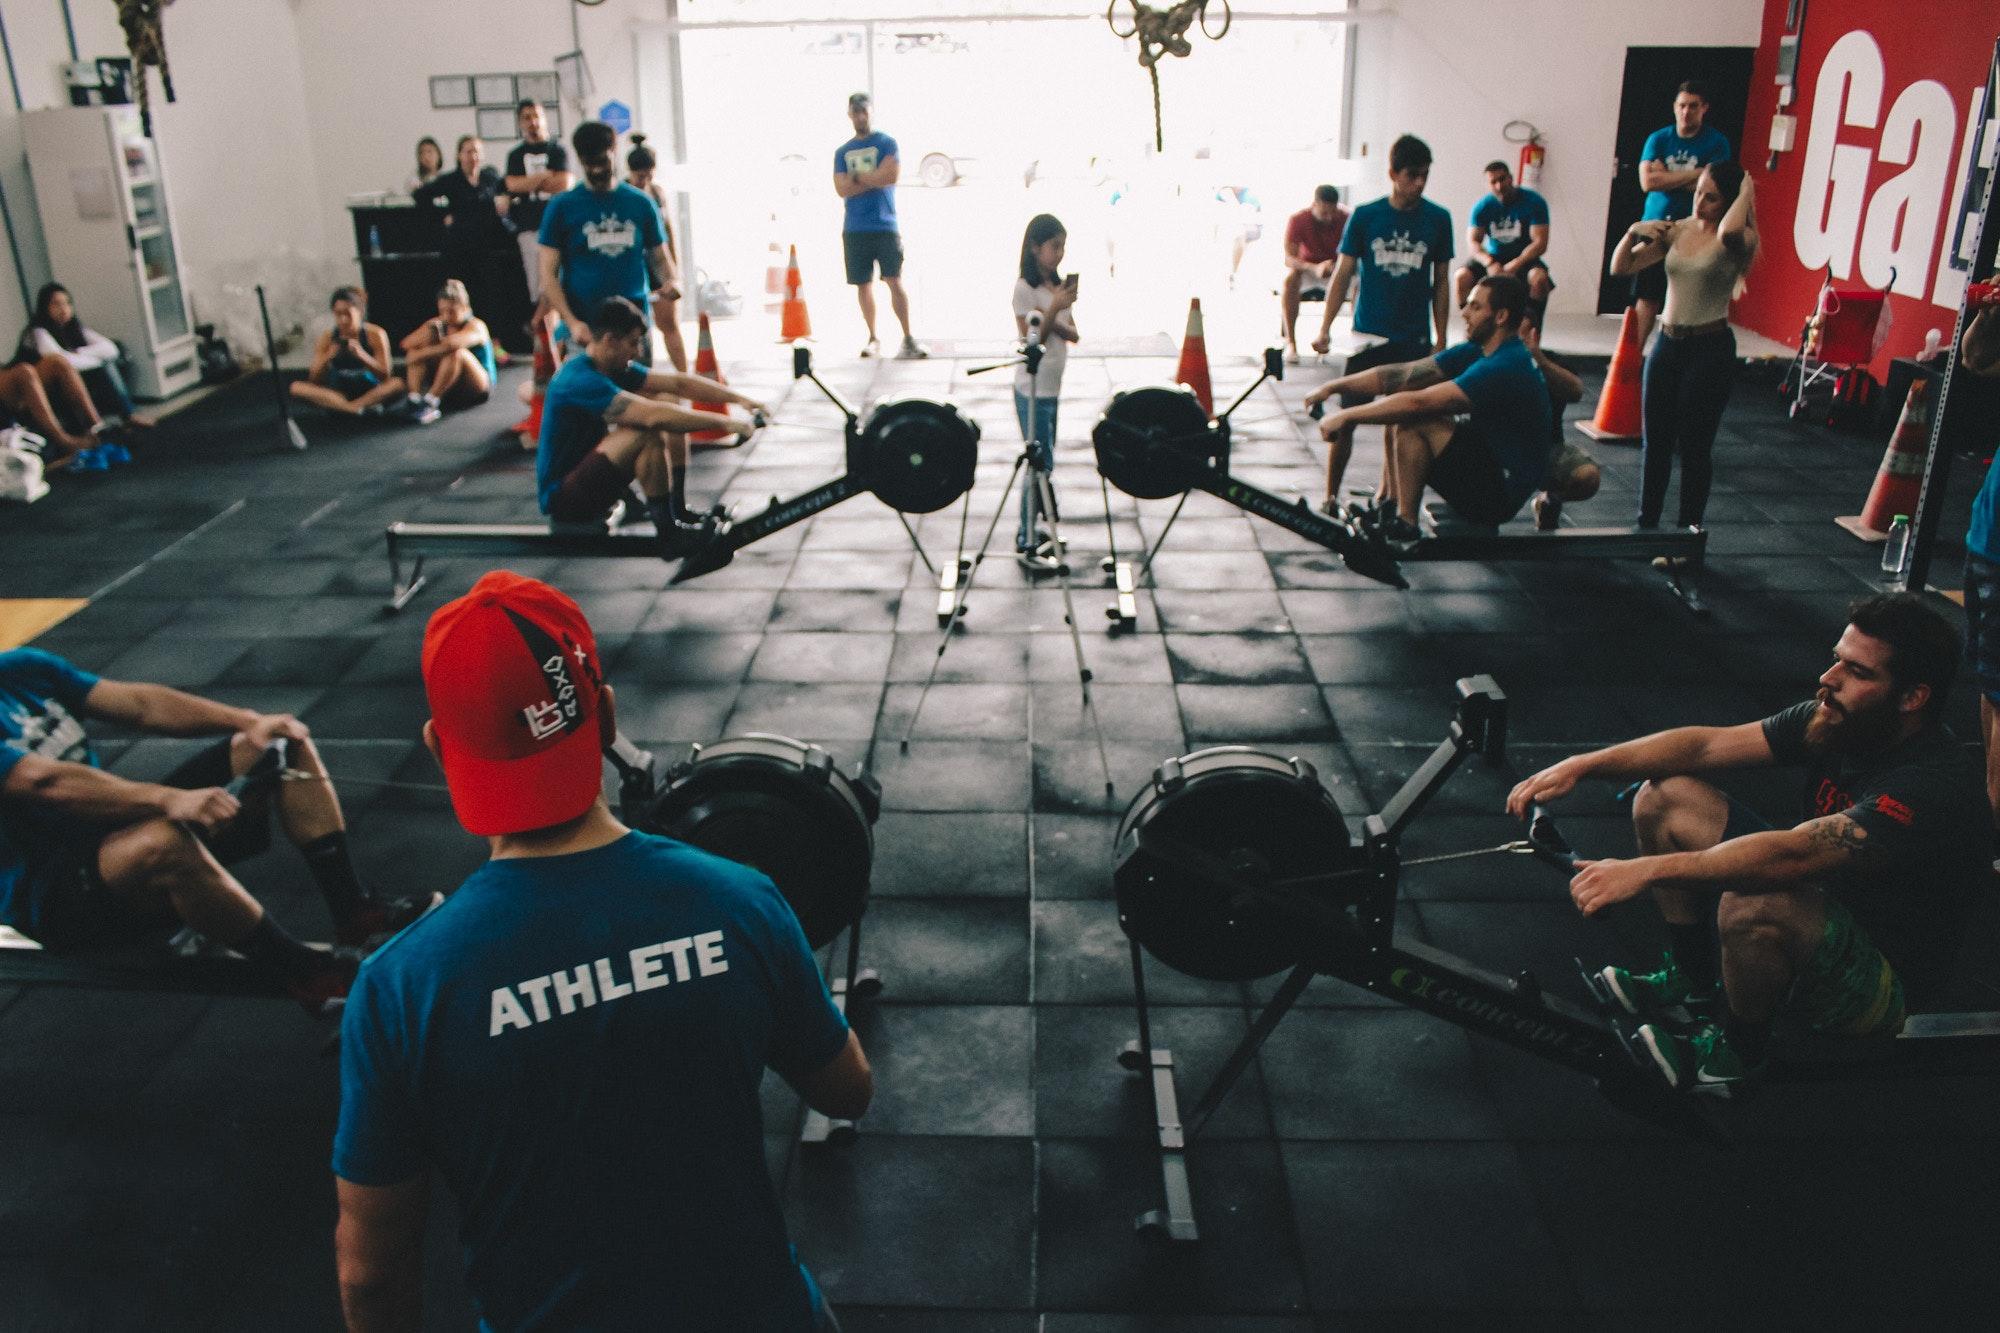 athletes-endurance-energy-685534.jpg